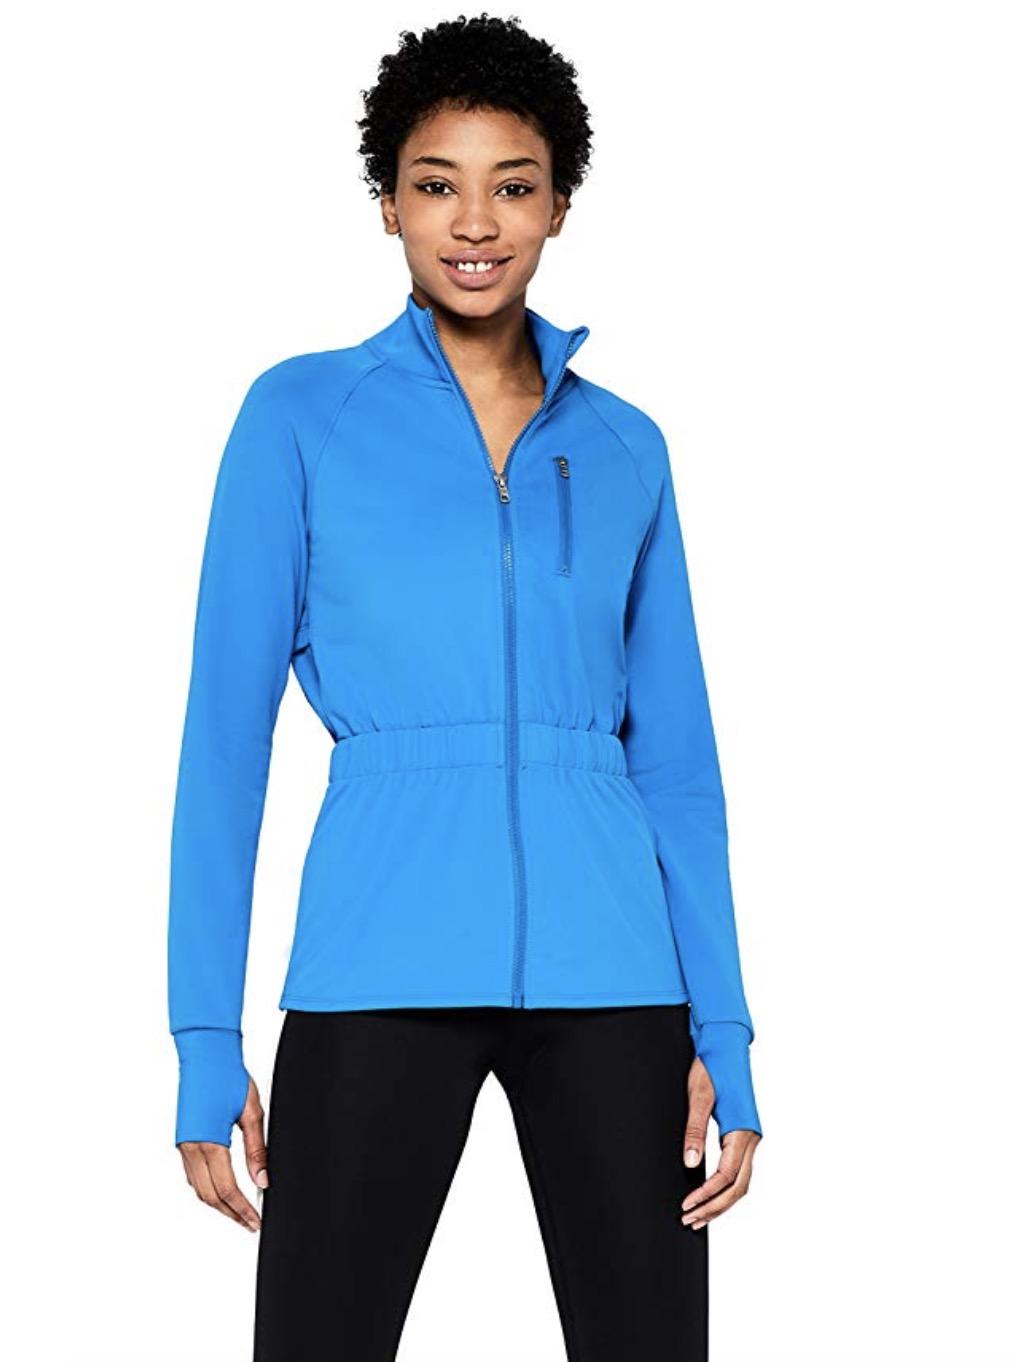 Amazon active wear - running jacket